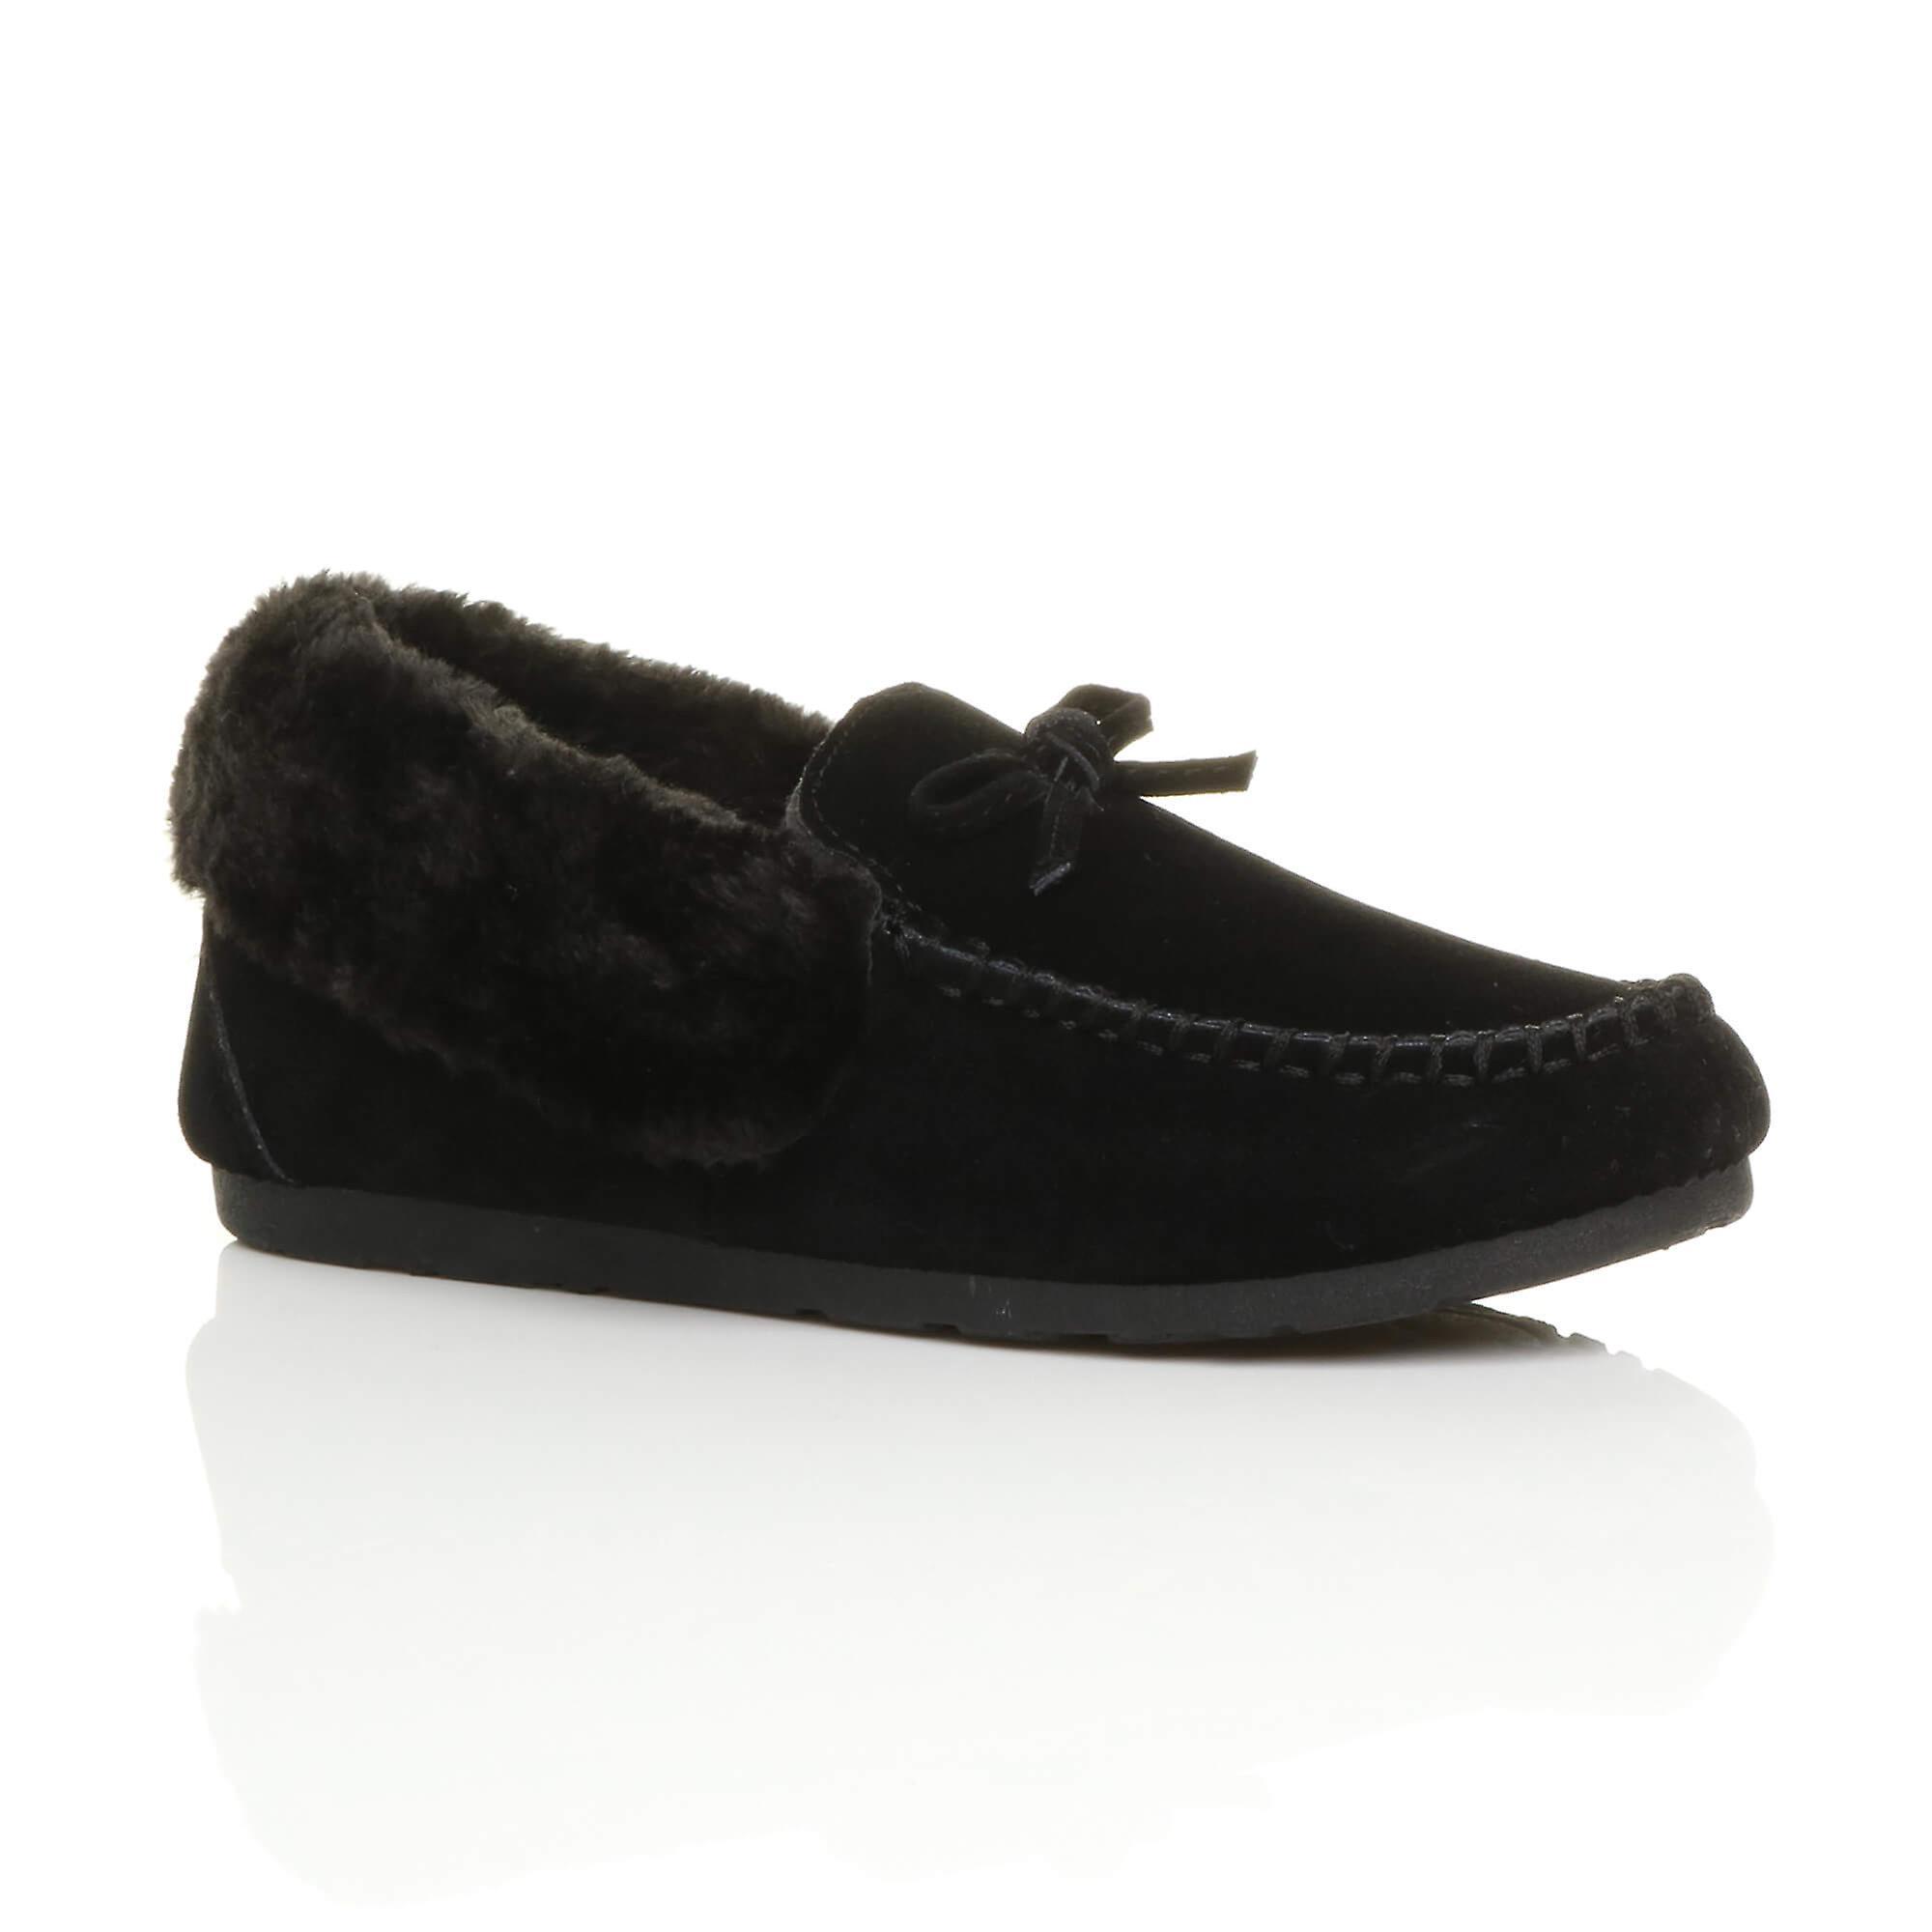 Ajvani damskie faux kożuch futro luksus elastyczna podeszwa zima mokasyny kapcie buty Ha6ka